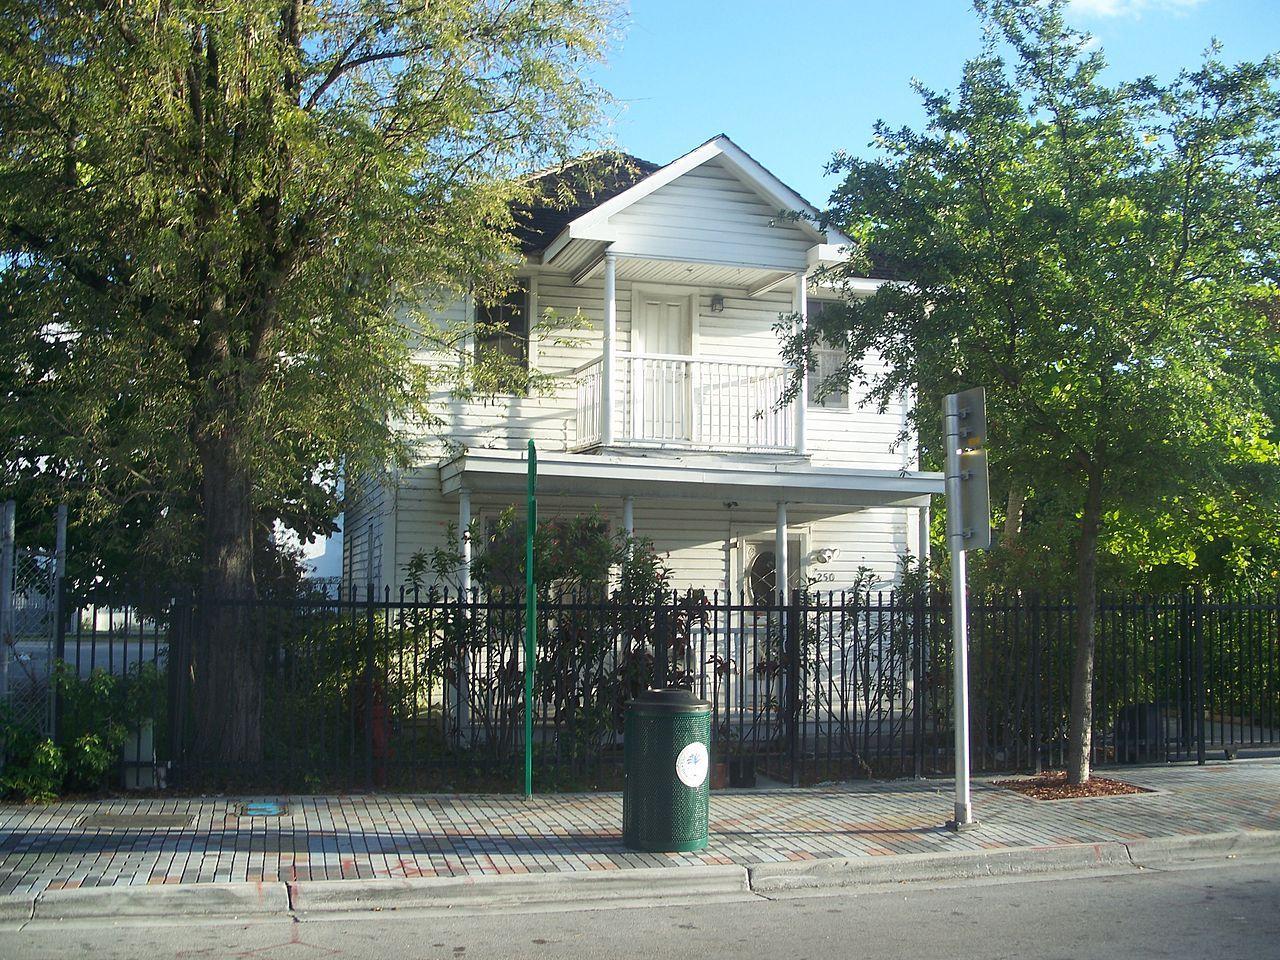 D. A. Dorsey House in Miami, Florida.